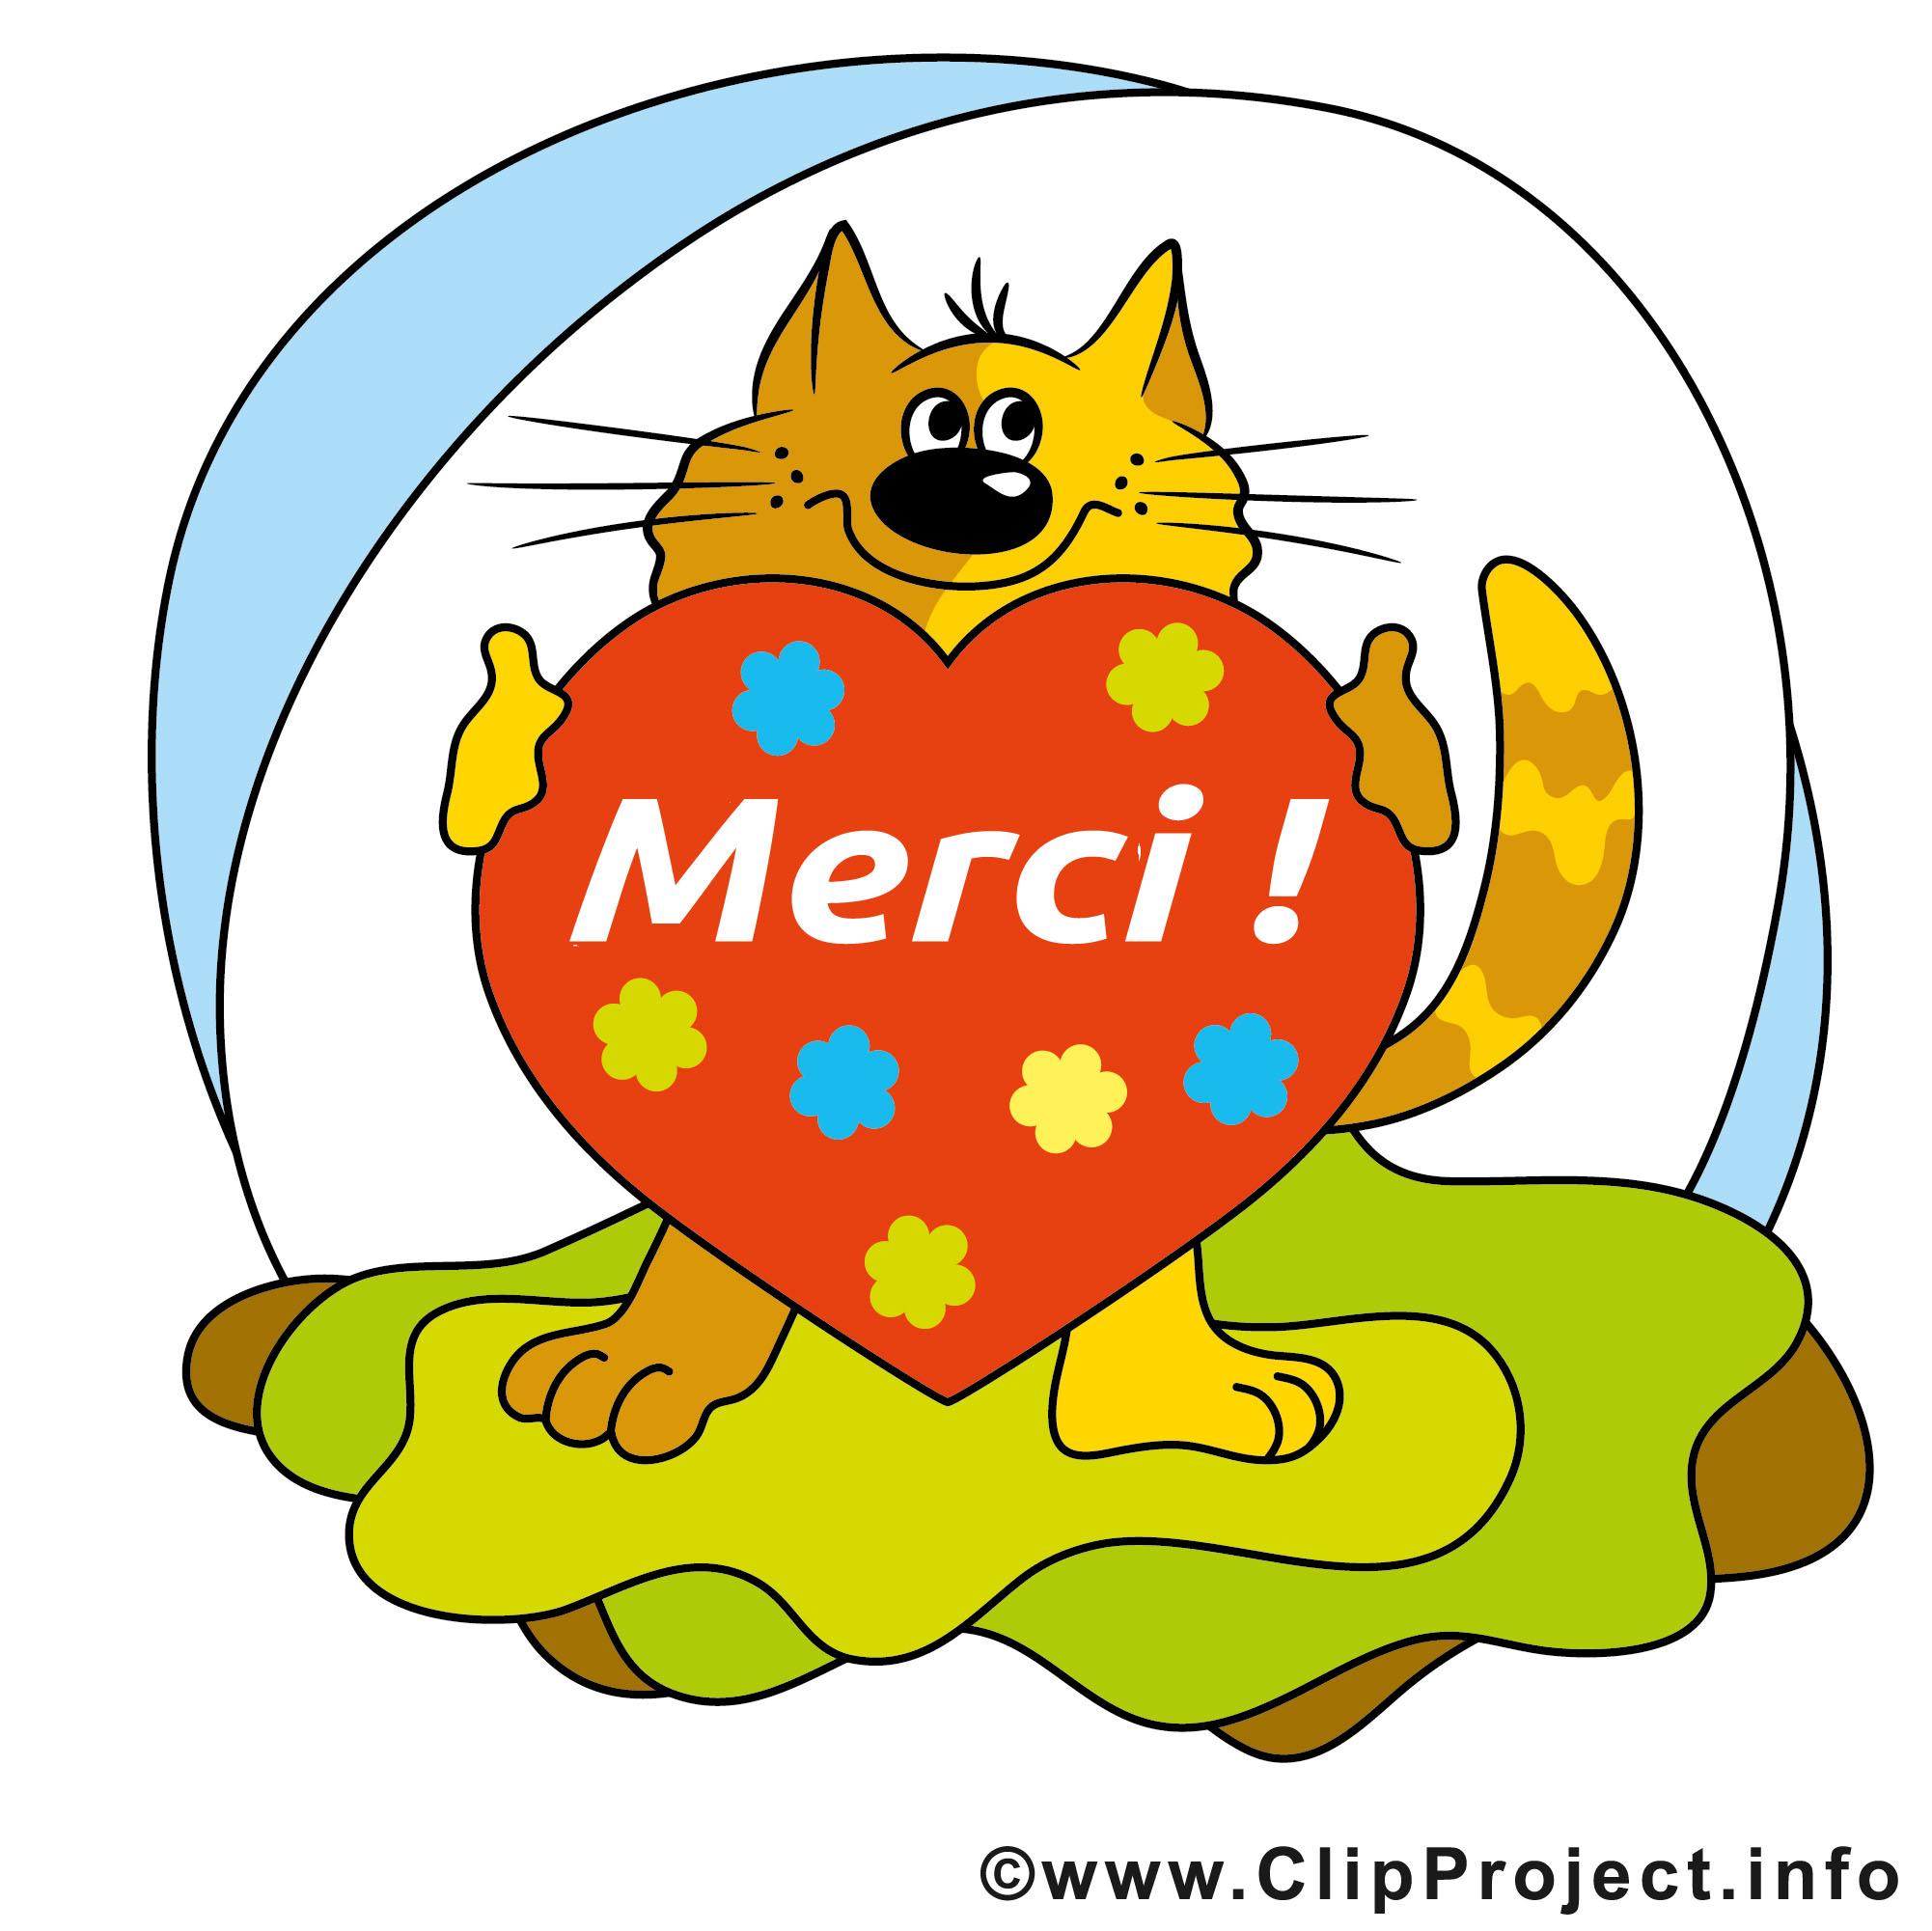 Chat coeur illustration gratuite merci clipart merci dessin picture image graphic clip - Images coeur gratuites ...